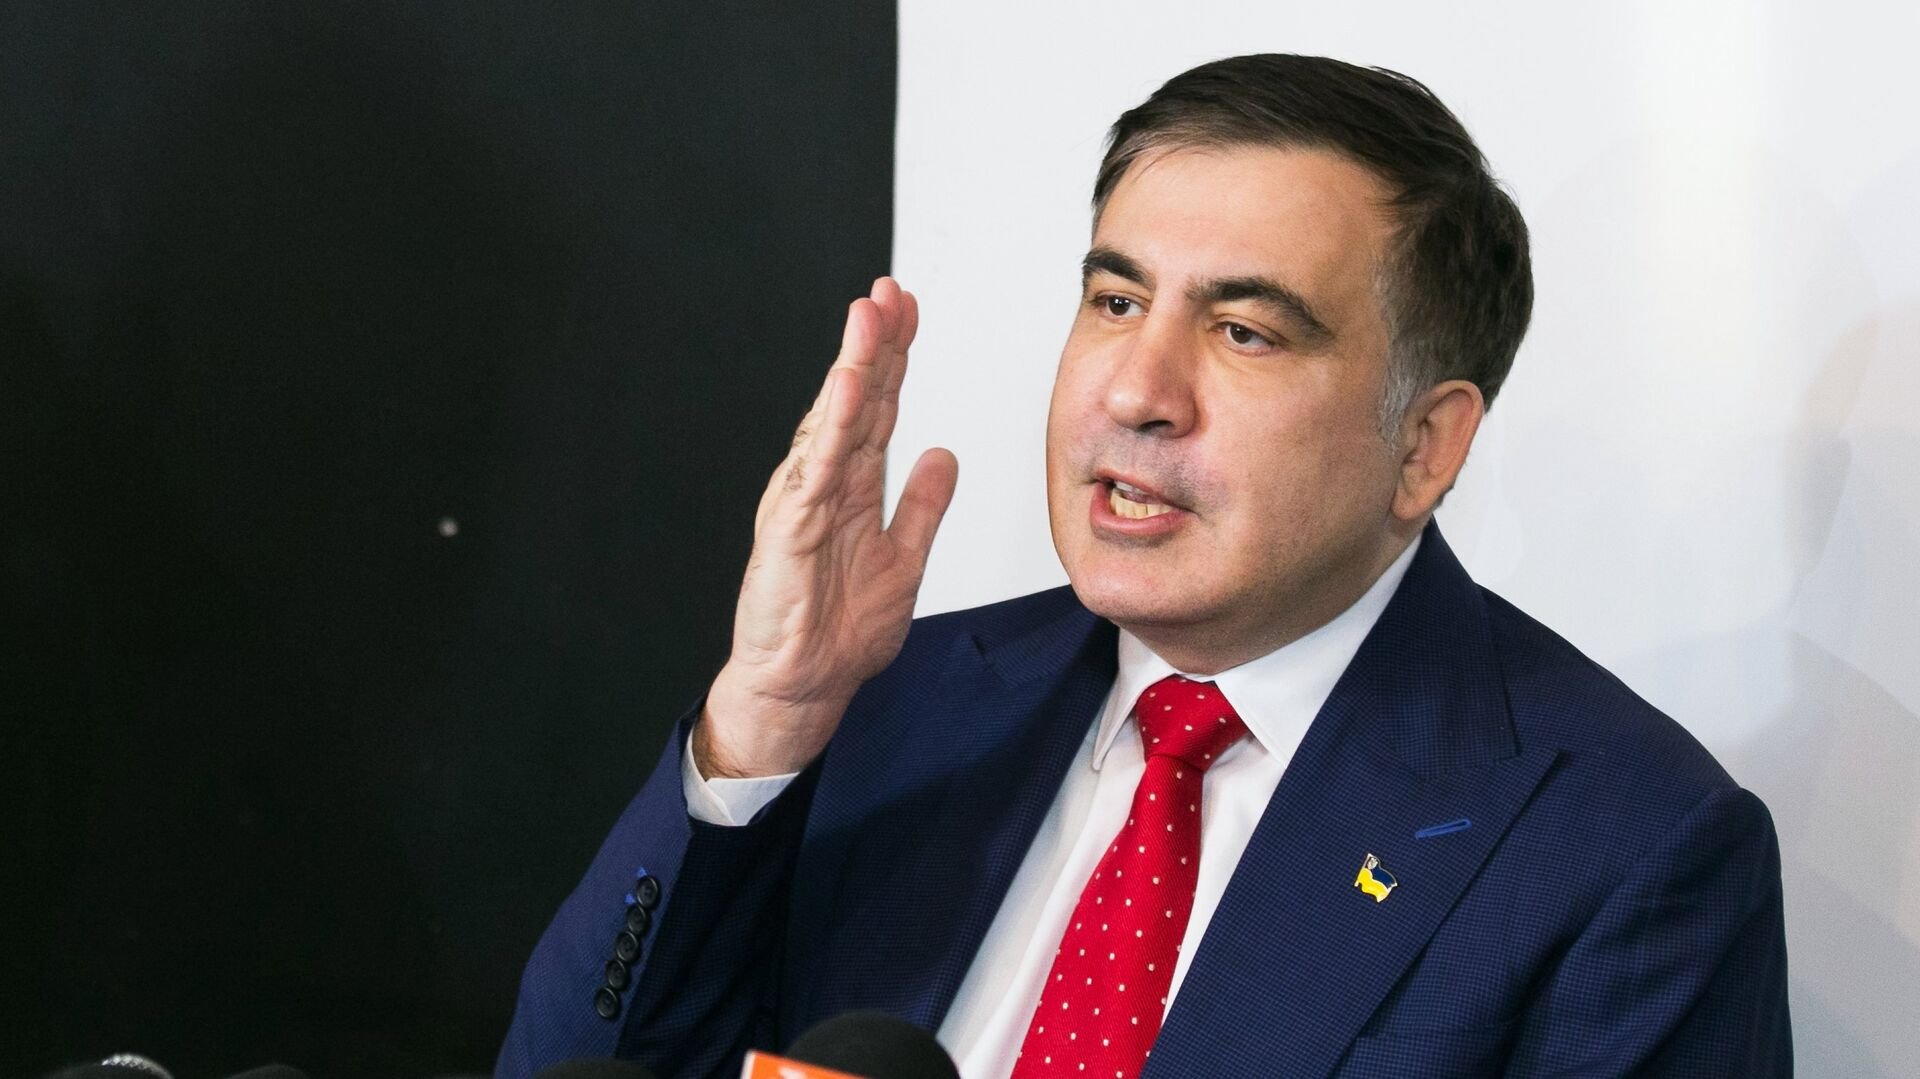 Бивши председник Грузије Михаил Сакашвили у Варшави - Sputnik Србија, 1920, 01.10.2021